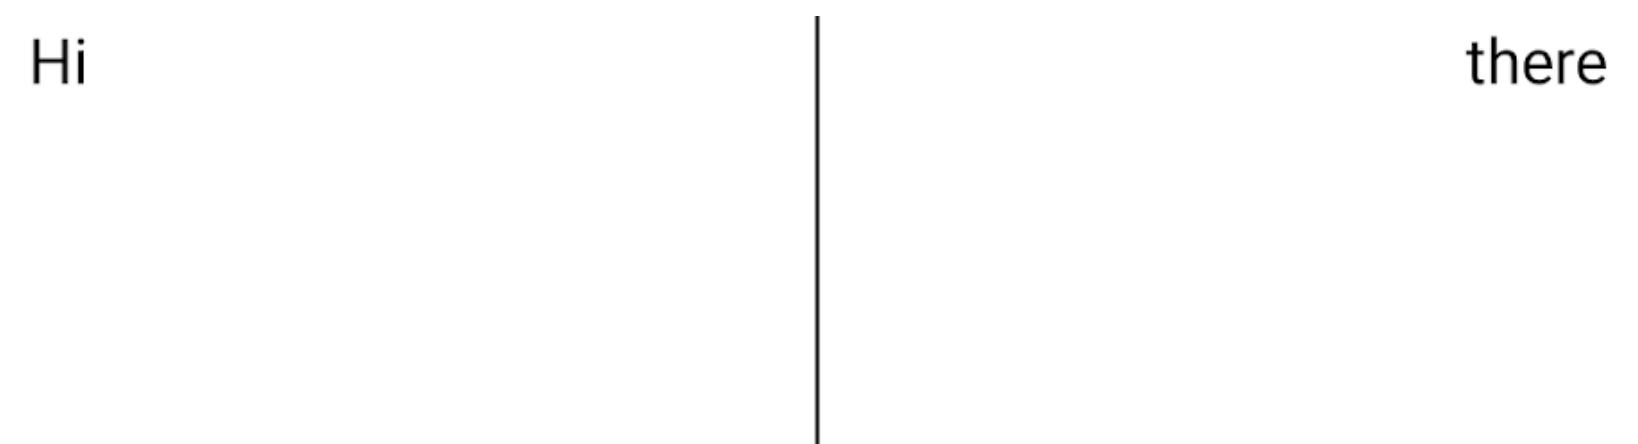 Dos elementos de texto, uno al lado del otro, con un divisor entre ellos, pero el divisor se expande debajo de la parte inferior del texto